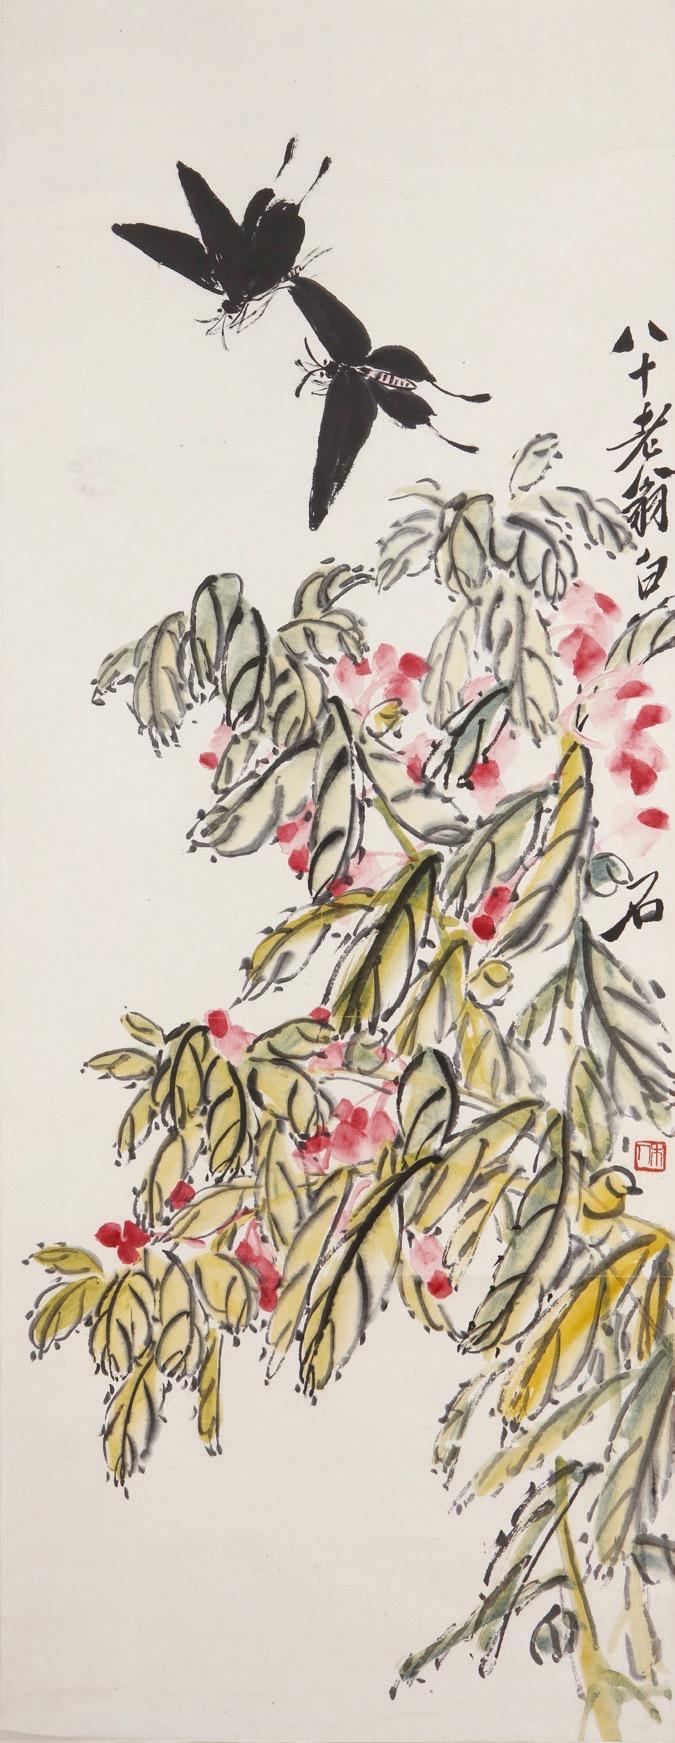 Chinese 20th-century artist Qi Baishi, Balsam andButterflies